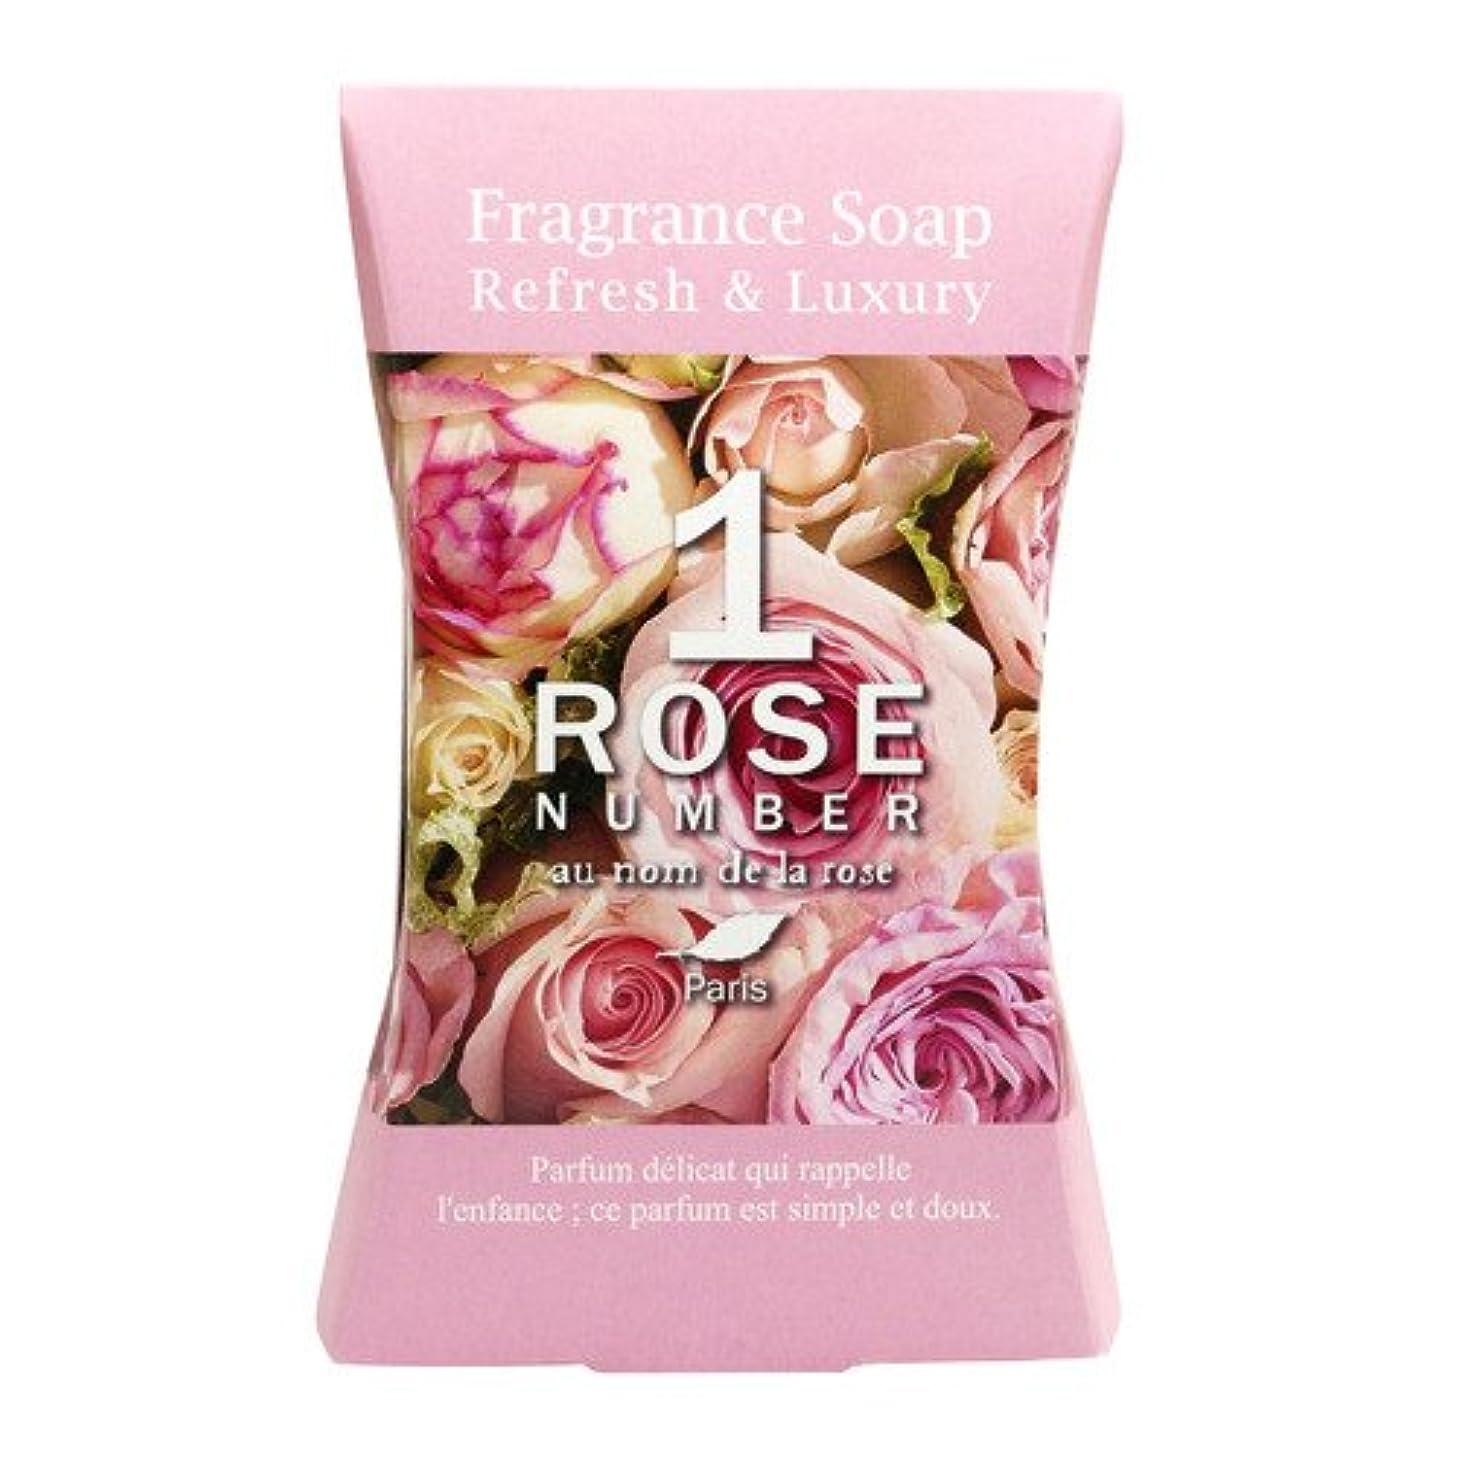 いろいろリーガン連想ROSE NUMBER ソープバー NO1 ピュアなバラの香り (100g)